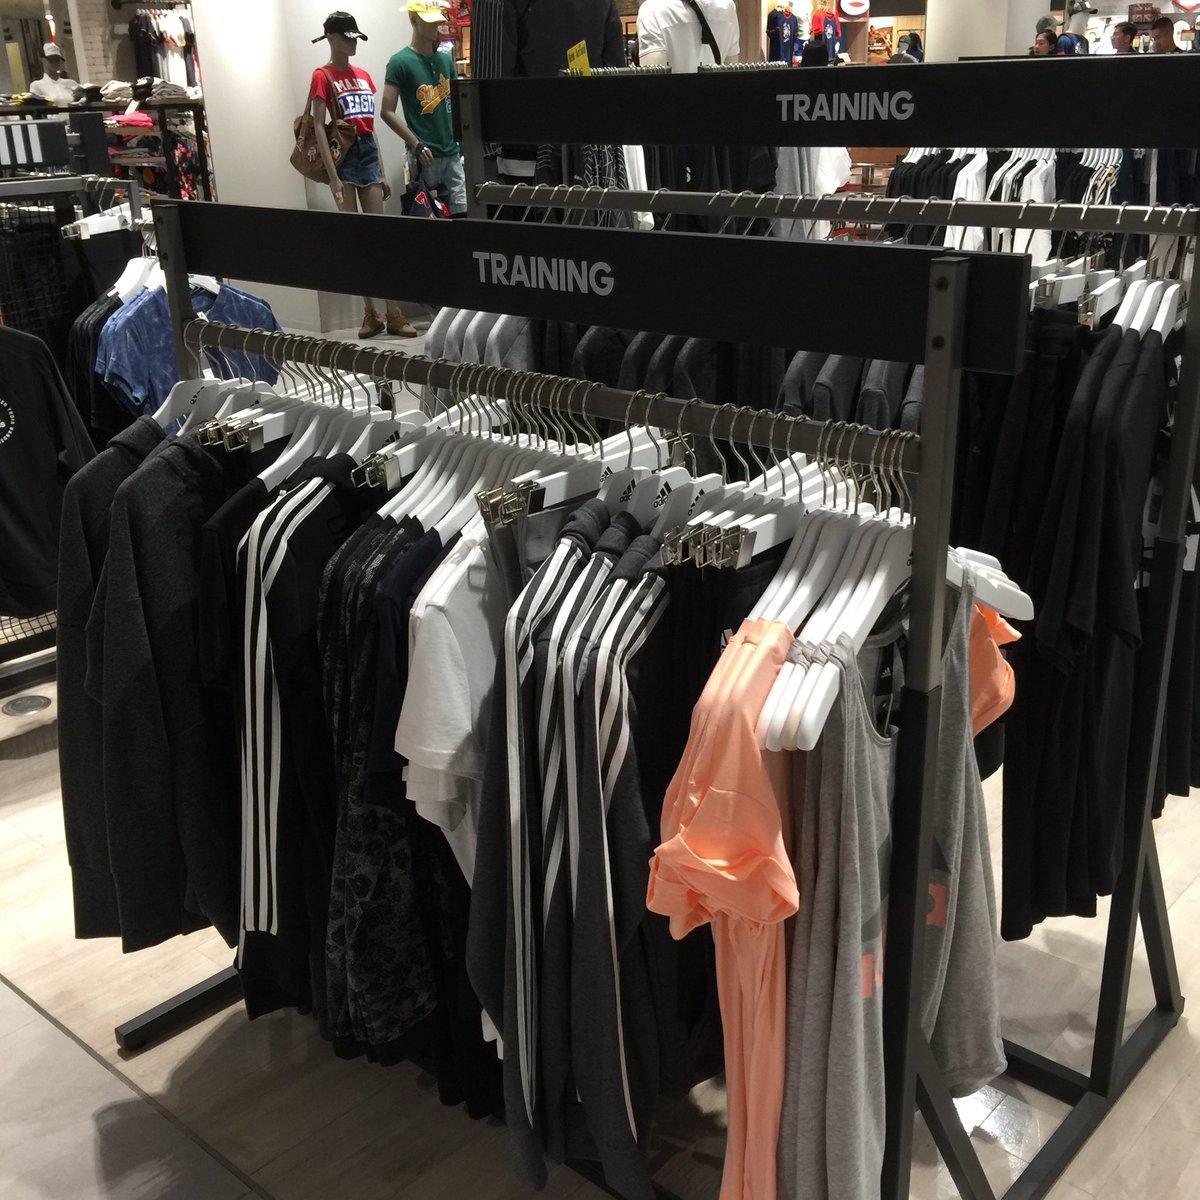 วันนี้มาส่องเสื้อกันหนาวฮู้ดๆของ adidas สักหน่อย ใครสายขาวดำออริจินอลๆนี่มาเลย สีนี้ของอดิดาสคือใส่ได้เรื่อยๆเลยดูคลาสสิค 💀🖤✨2400฿ - 3000฿ นิดๆ @ ฟิวเจอร์ฝั่ง Central ติดลานสเก็ตน้ำแข็ง